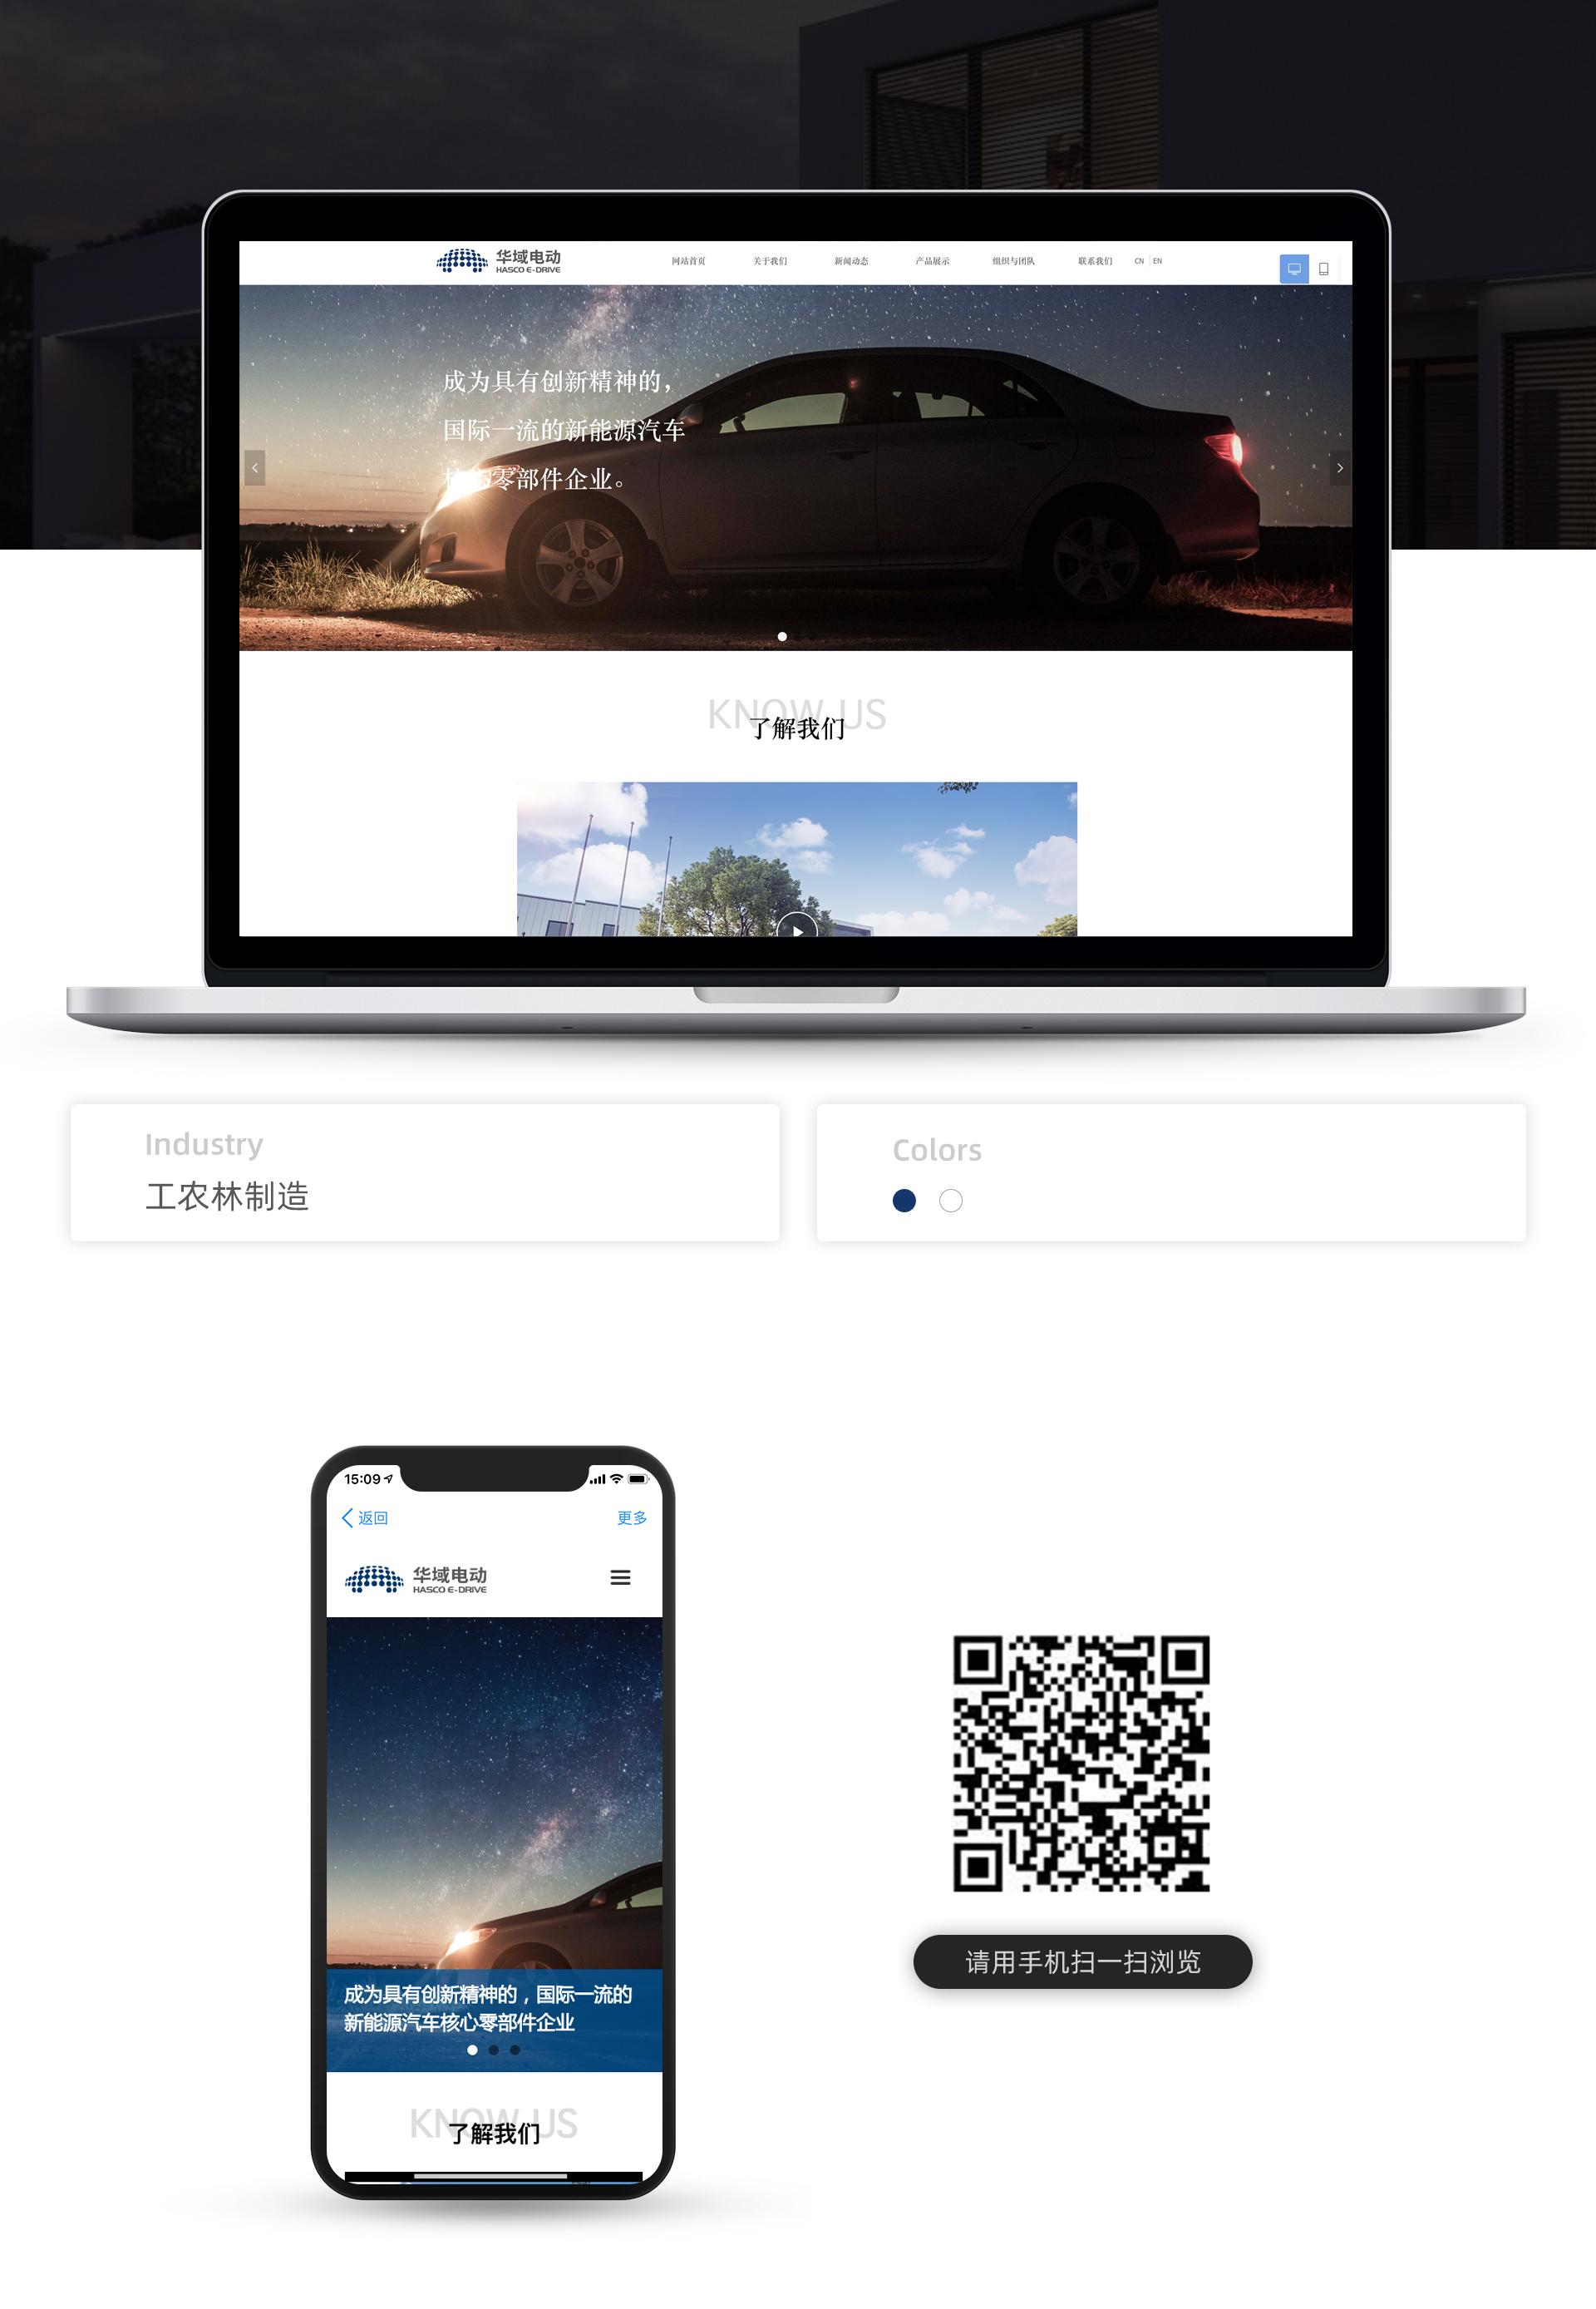 内页-云企案例设计简介-有手机版203944703670790